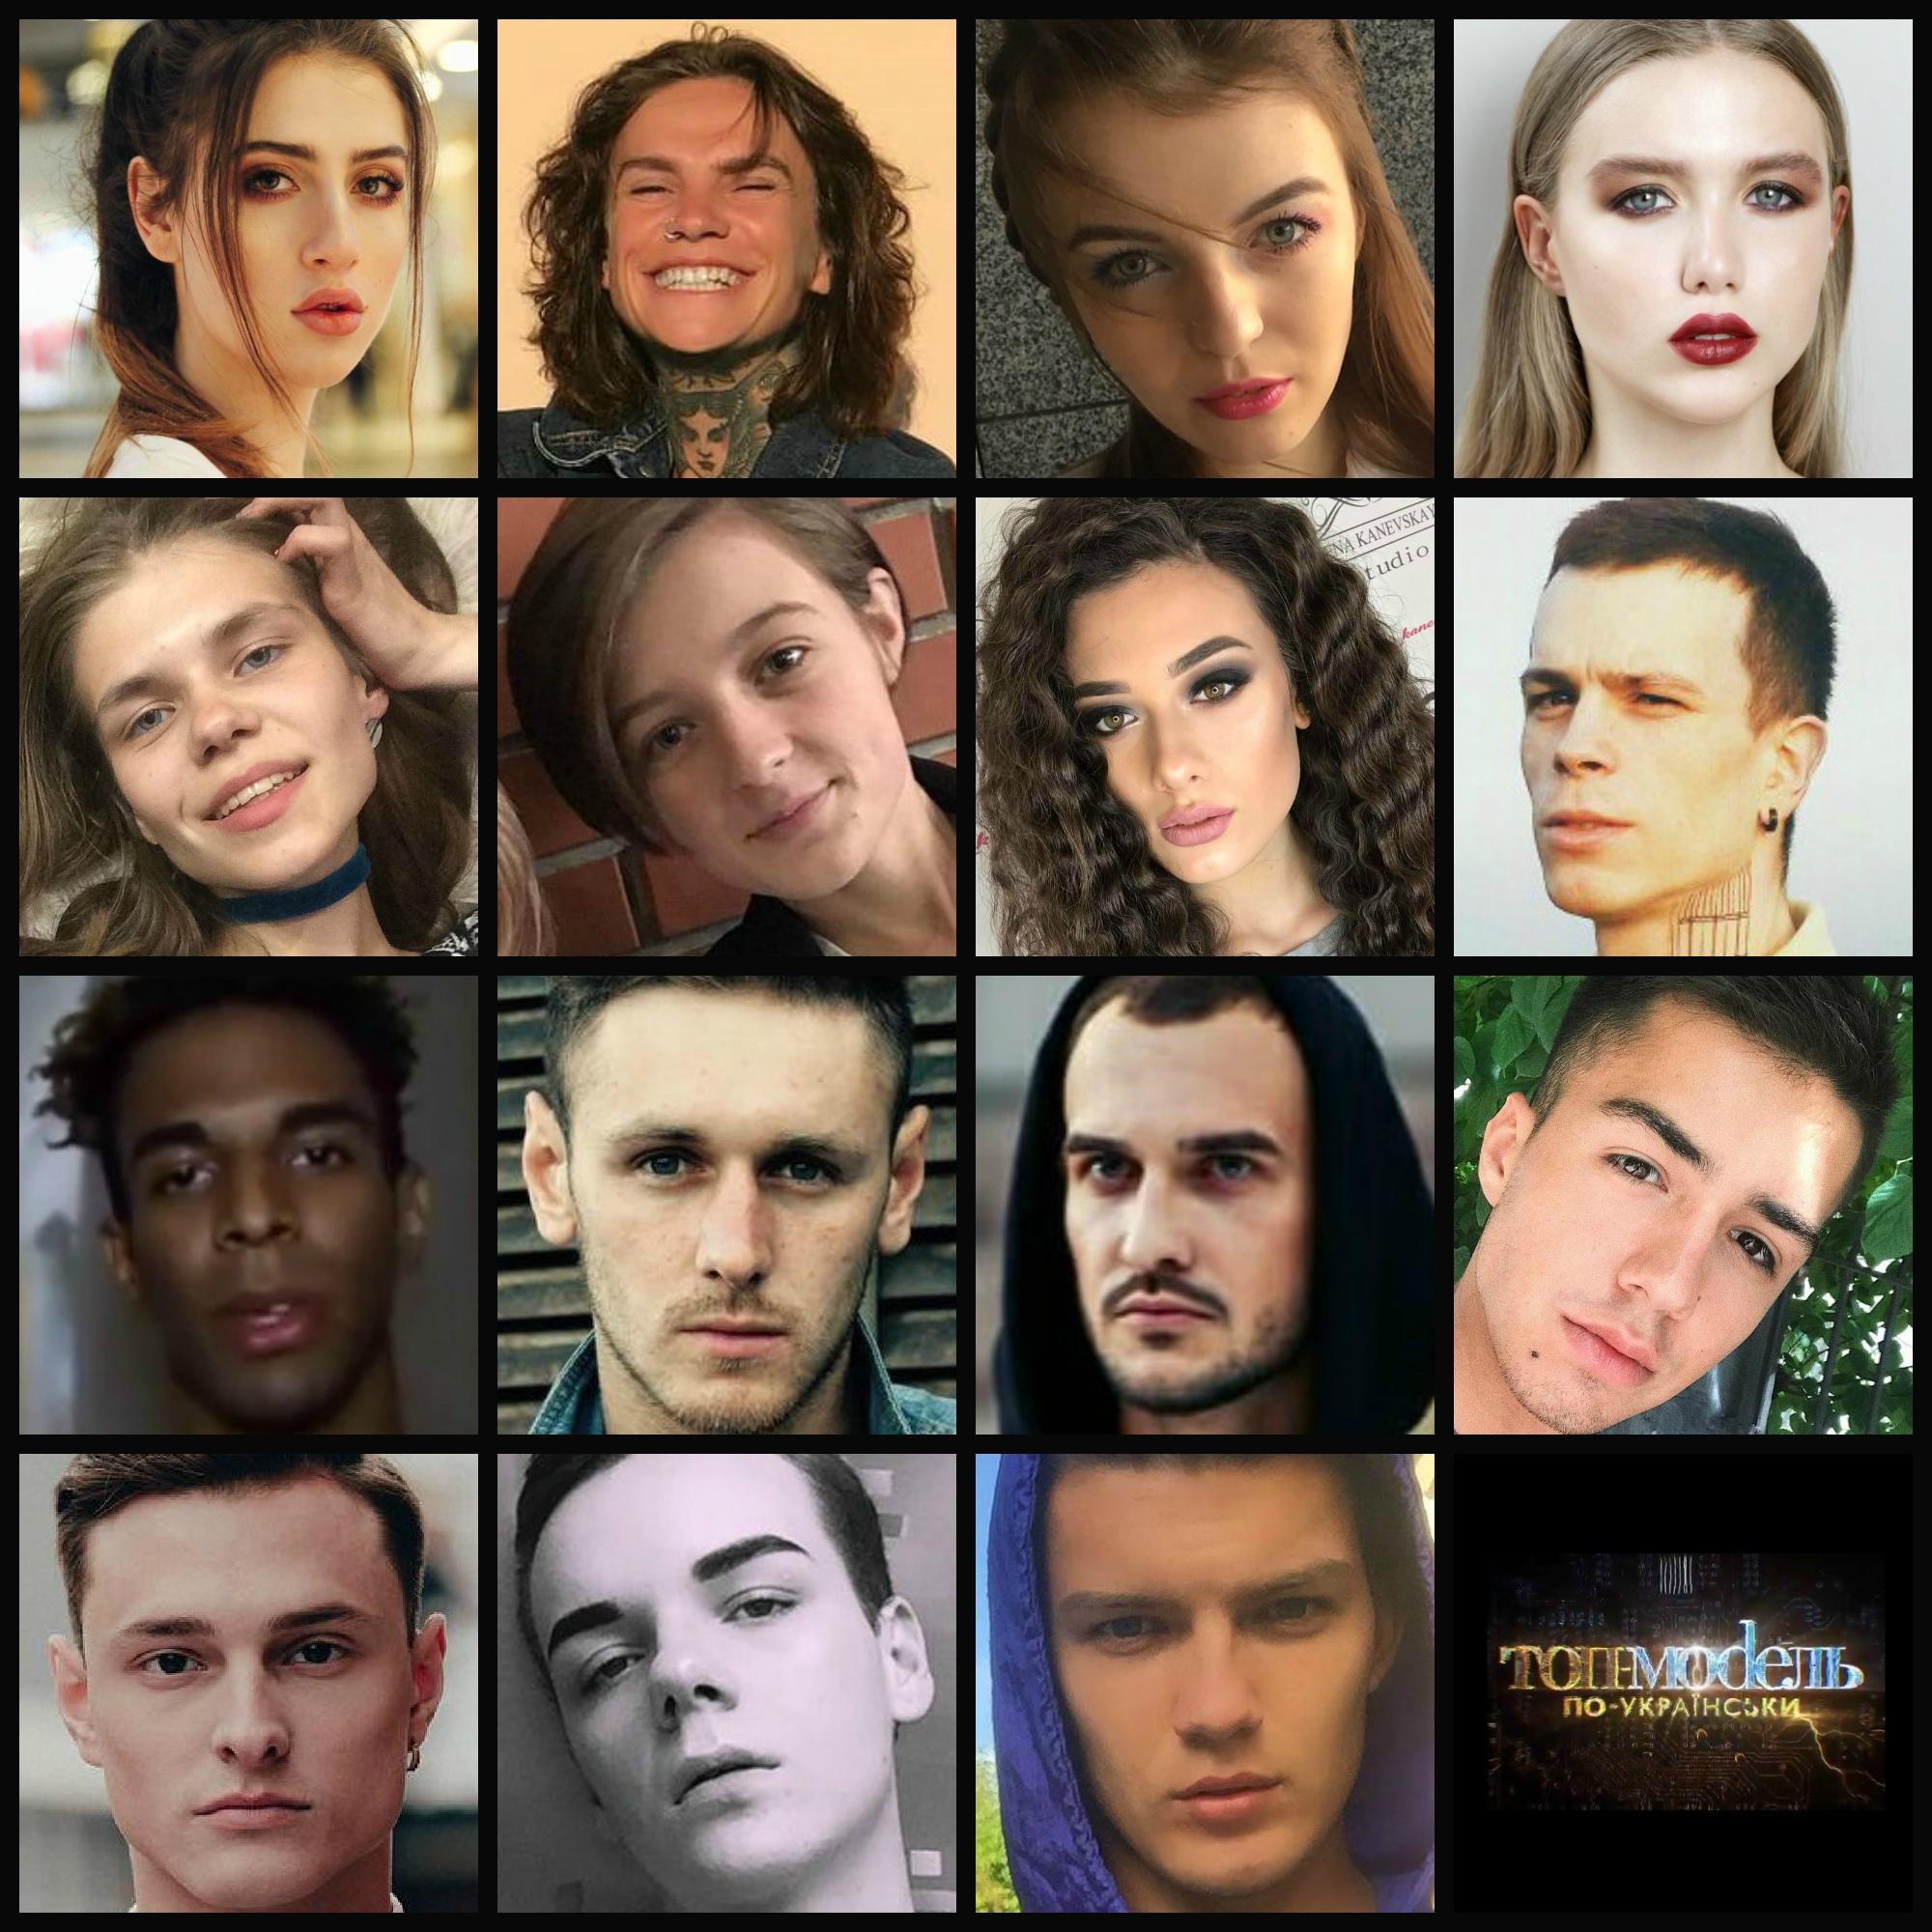 Топ-модель по-украински 2 сезон участники, кто победил